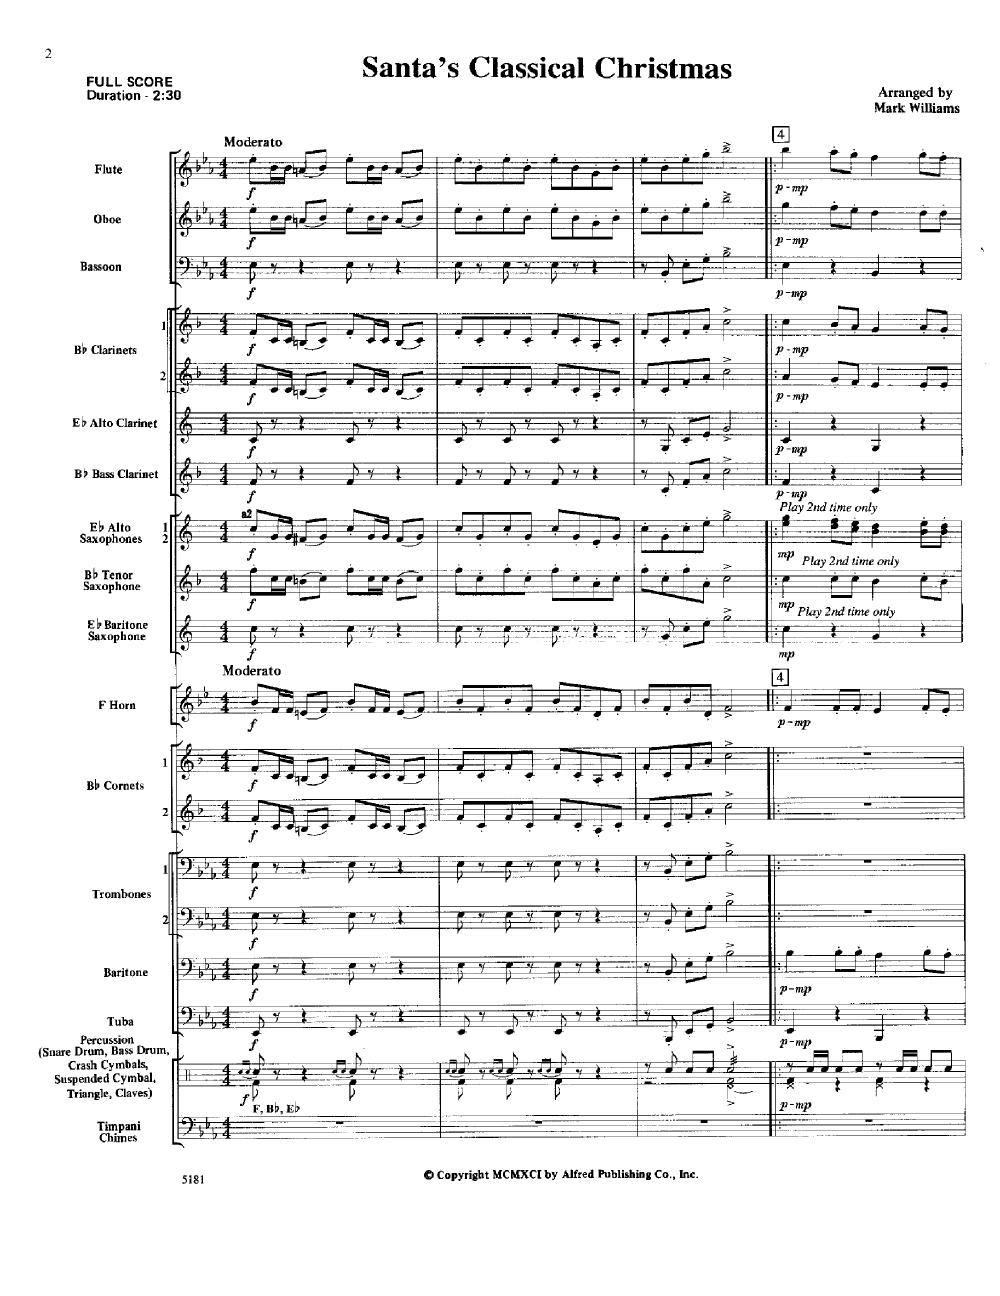 santas classical christmas thumbnail - Classical Christmas Music